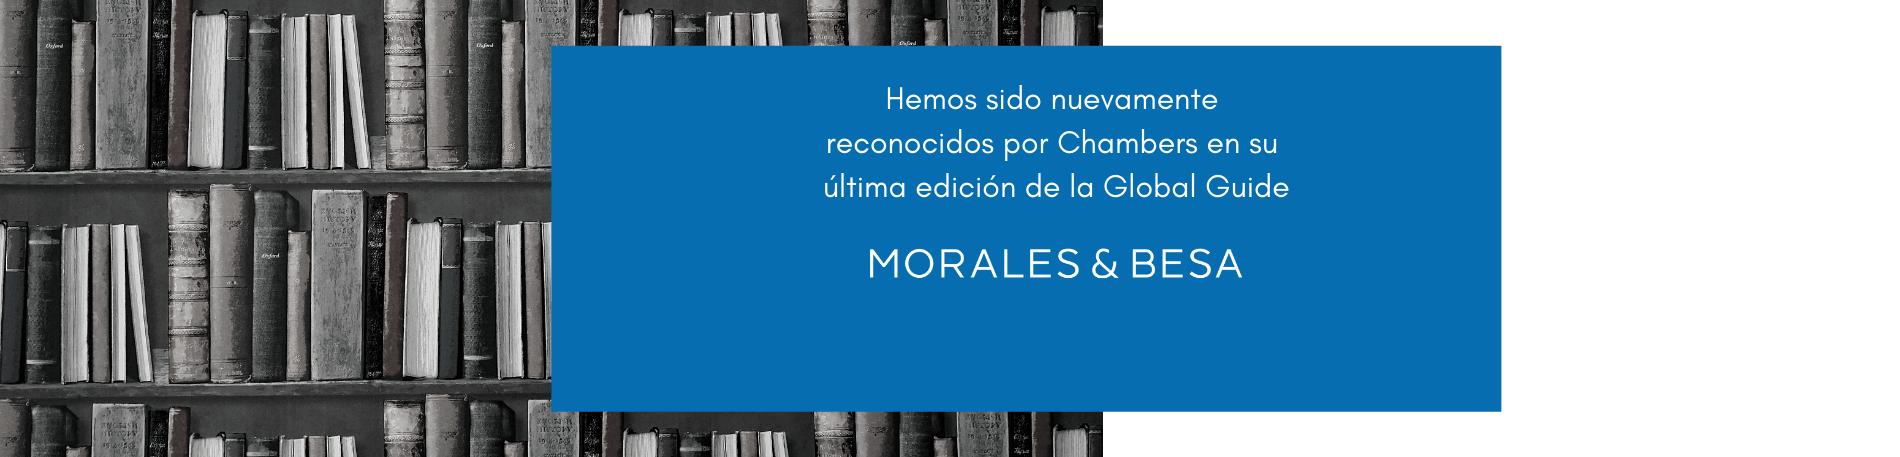 Morales & Besa ha sido nuevamente destacada como firma de élite en la Global Guide de Chambers 2019